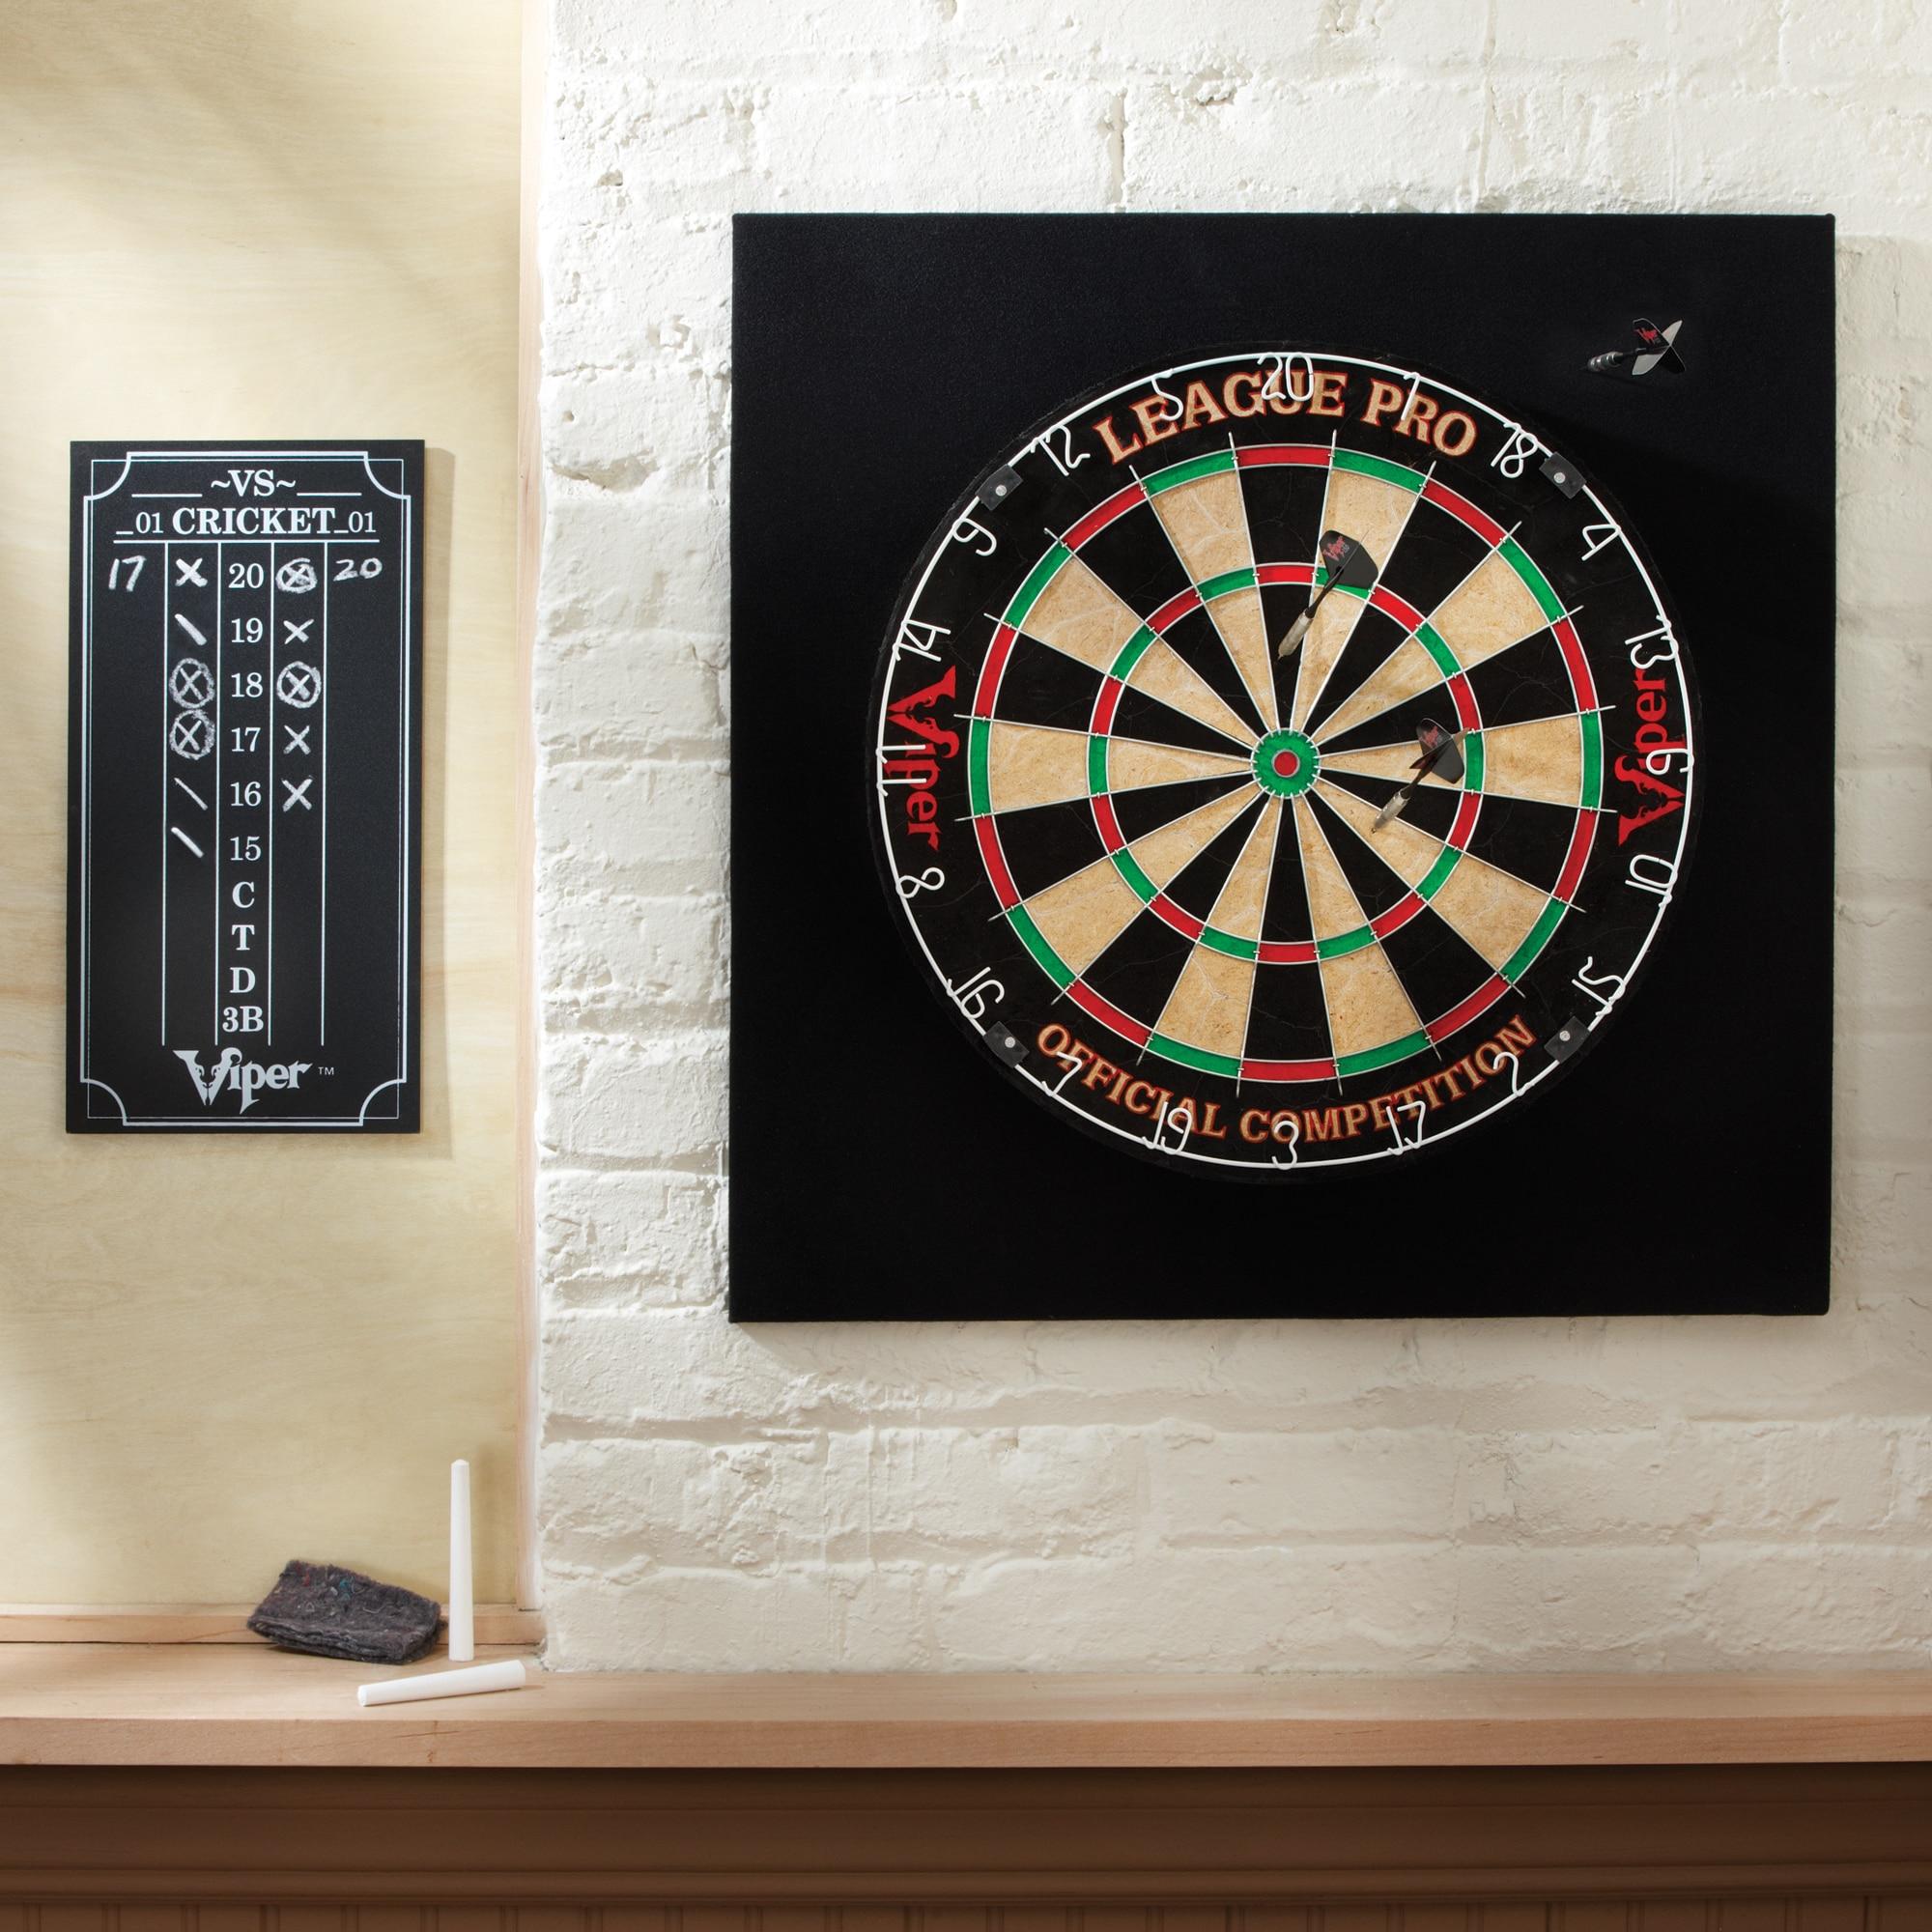 Viper League Pro Bristle Dart Board Complete Set - 42-6011